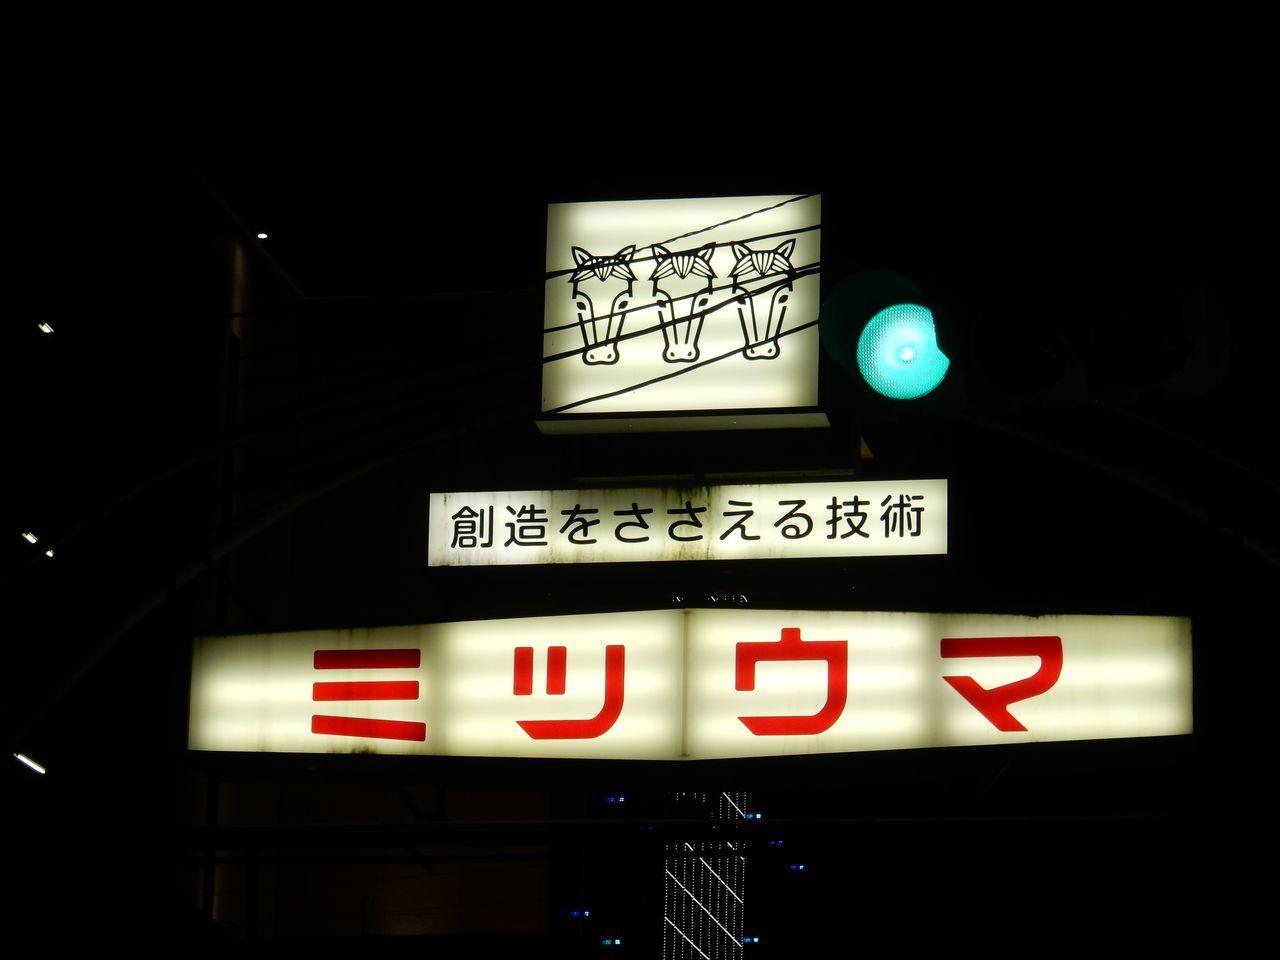 今日は北大、昨日は小樽_c0025115_21303122.jpg